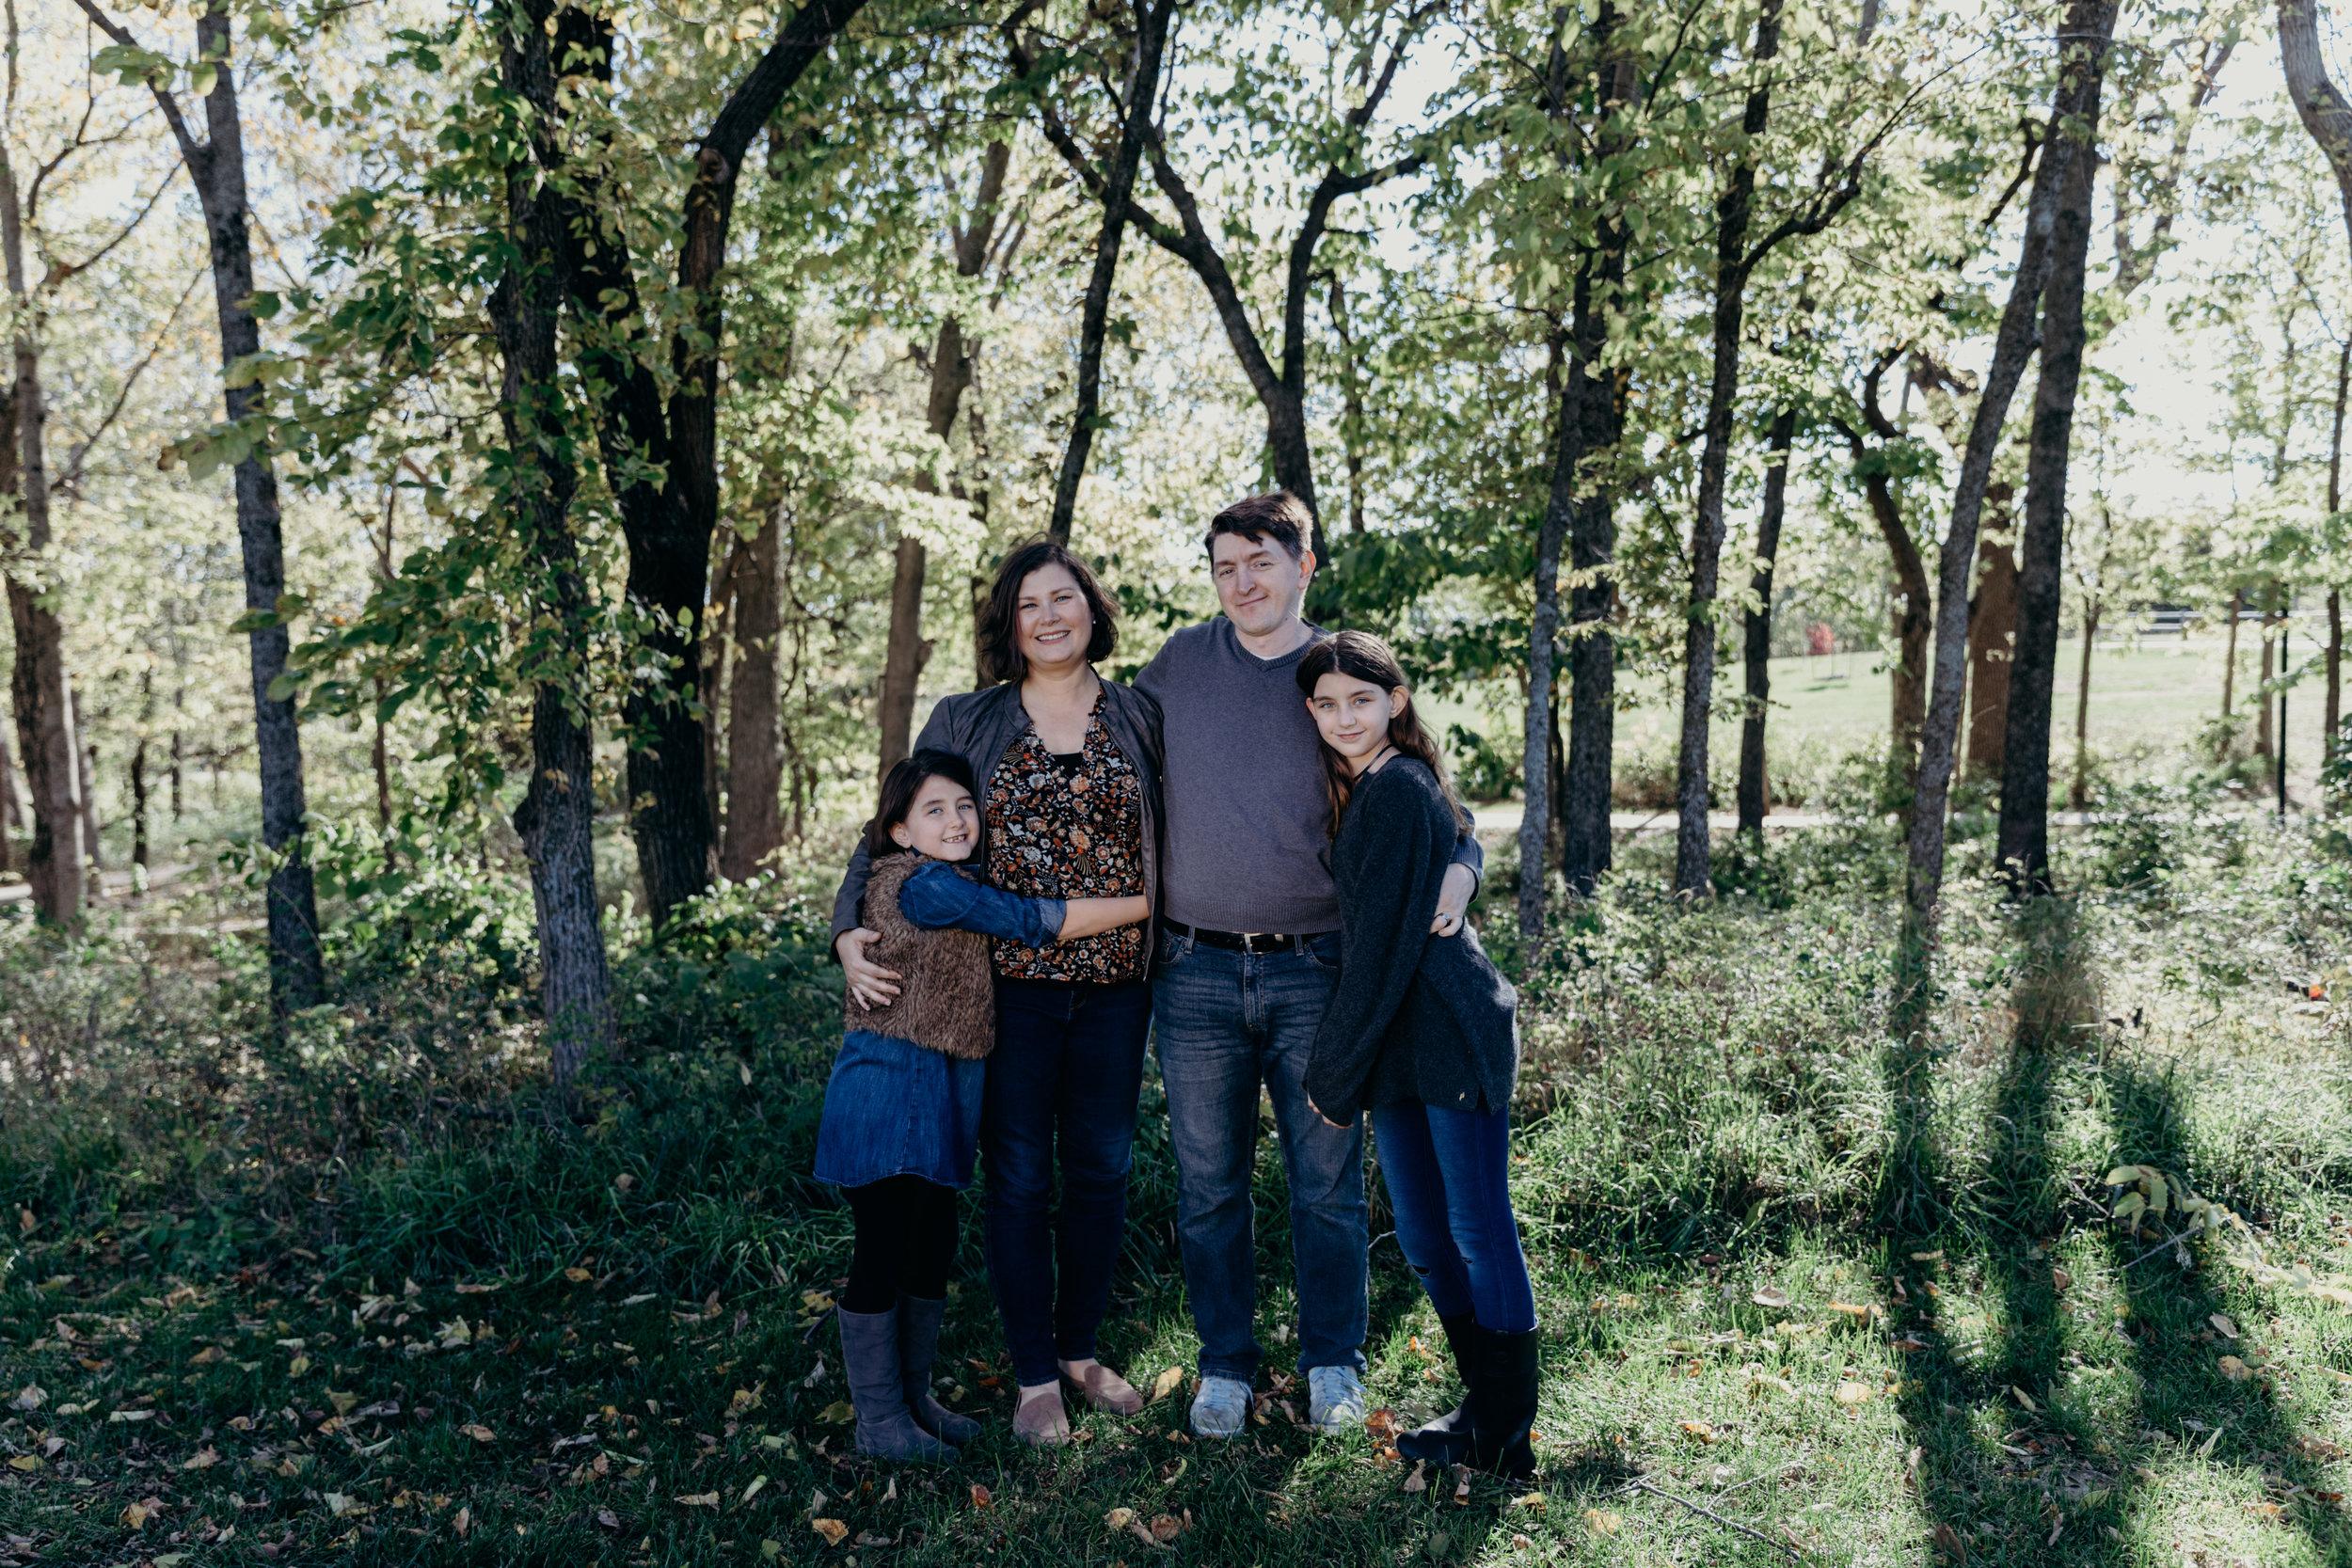 Lingenfelser Family Session-53.jpg